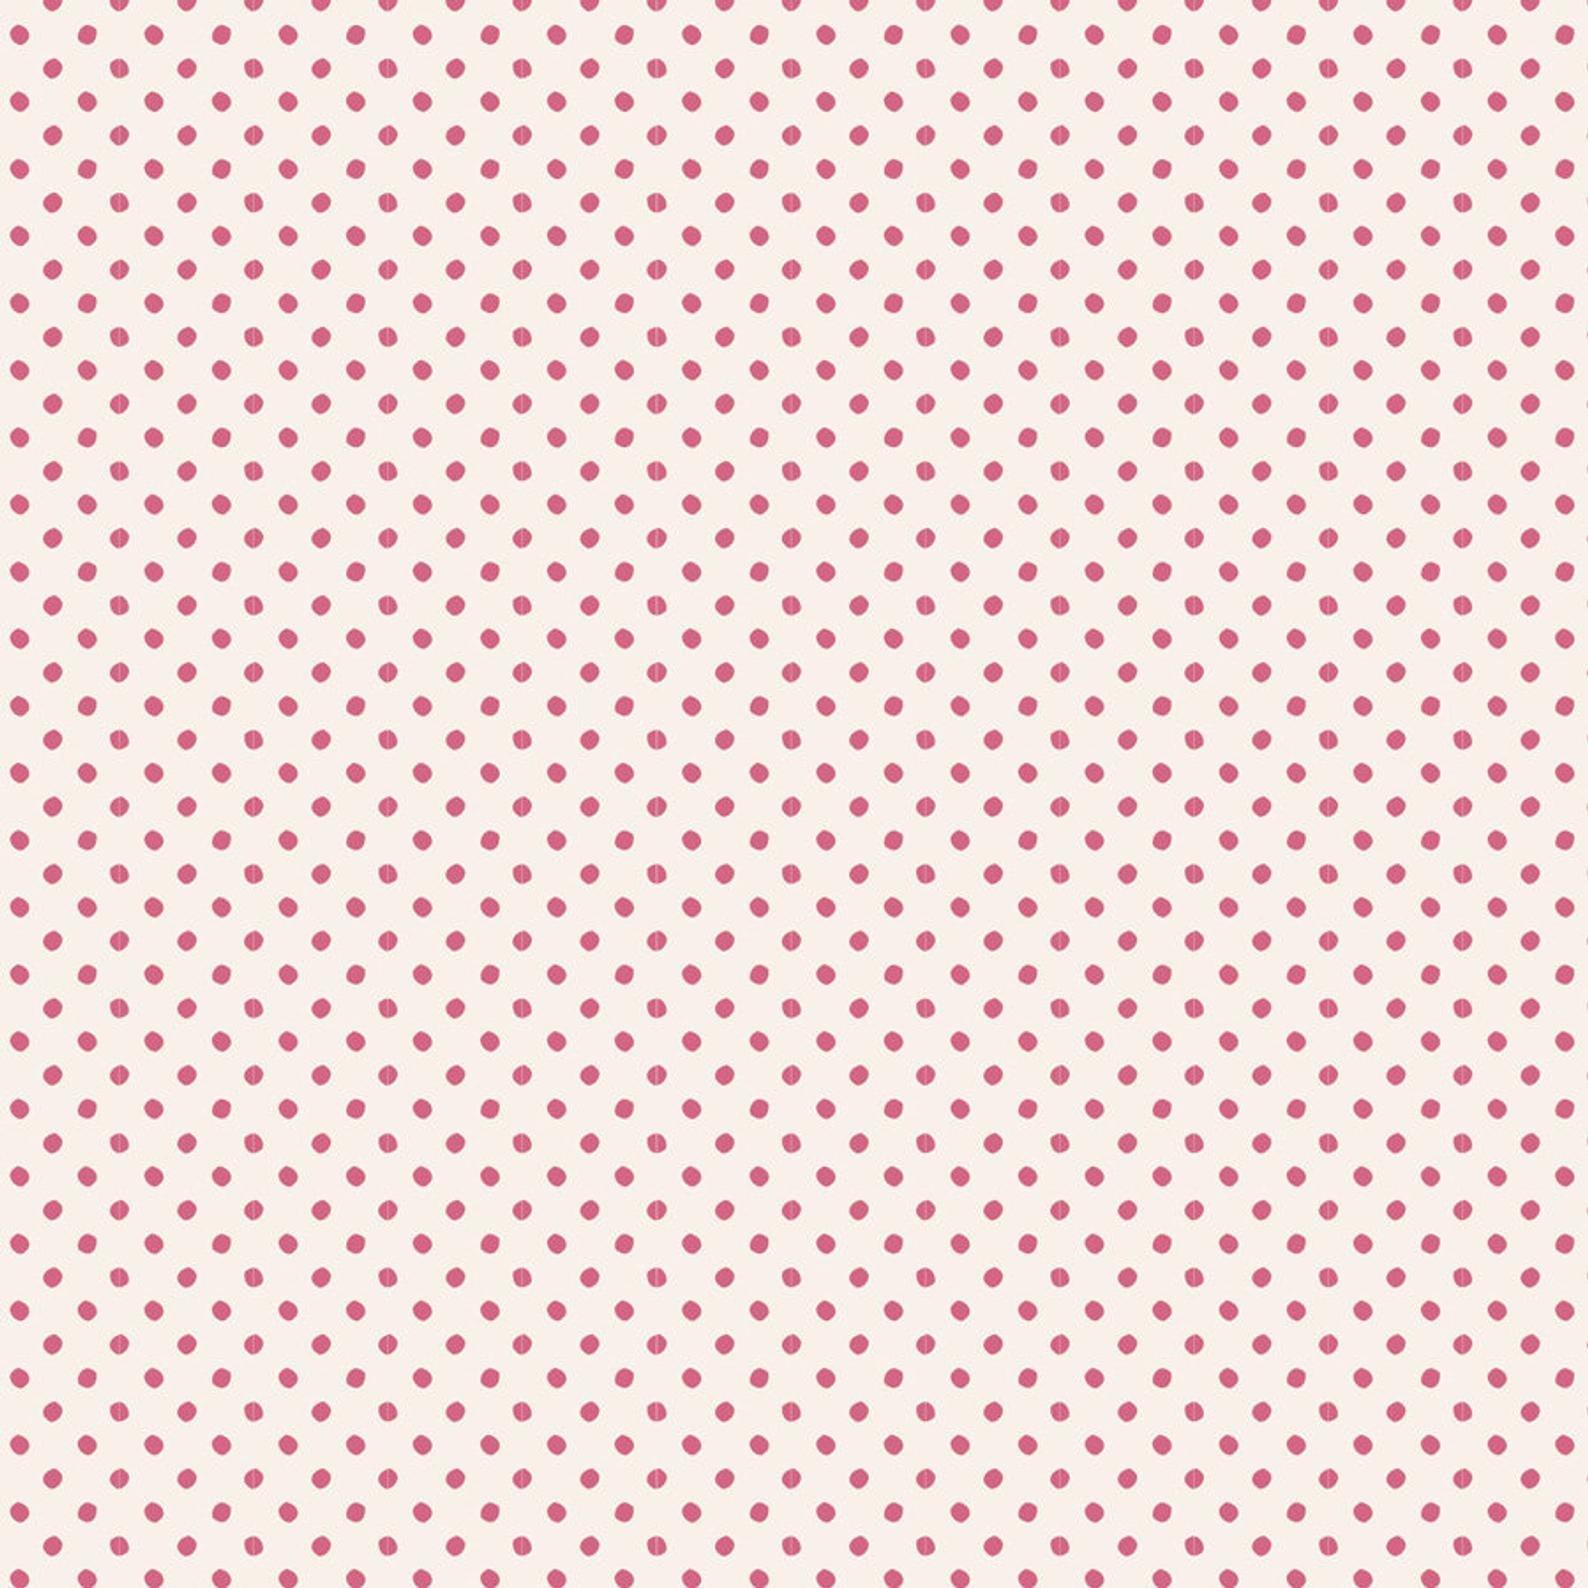 Tilda Basics - Tiny Dots Pink